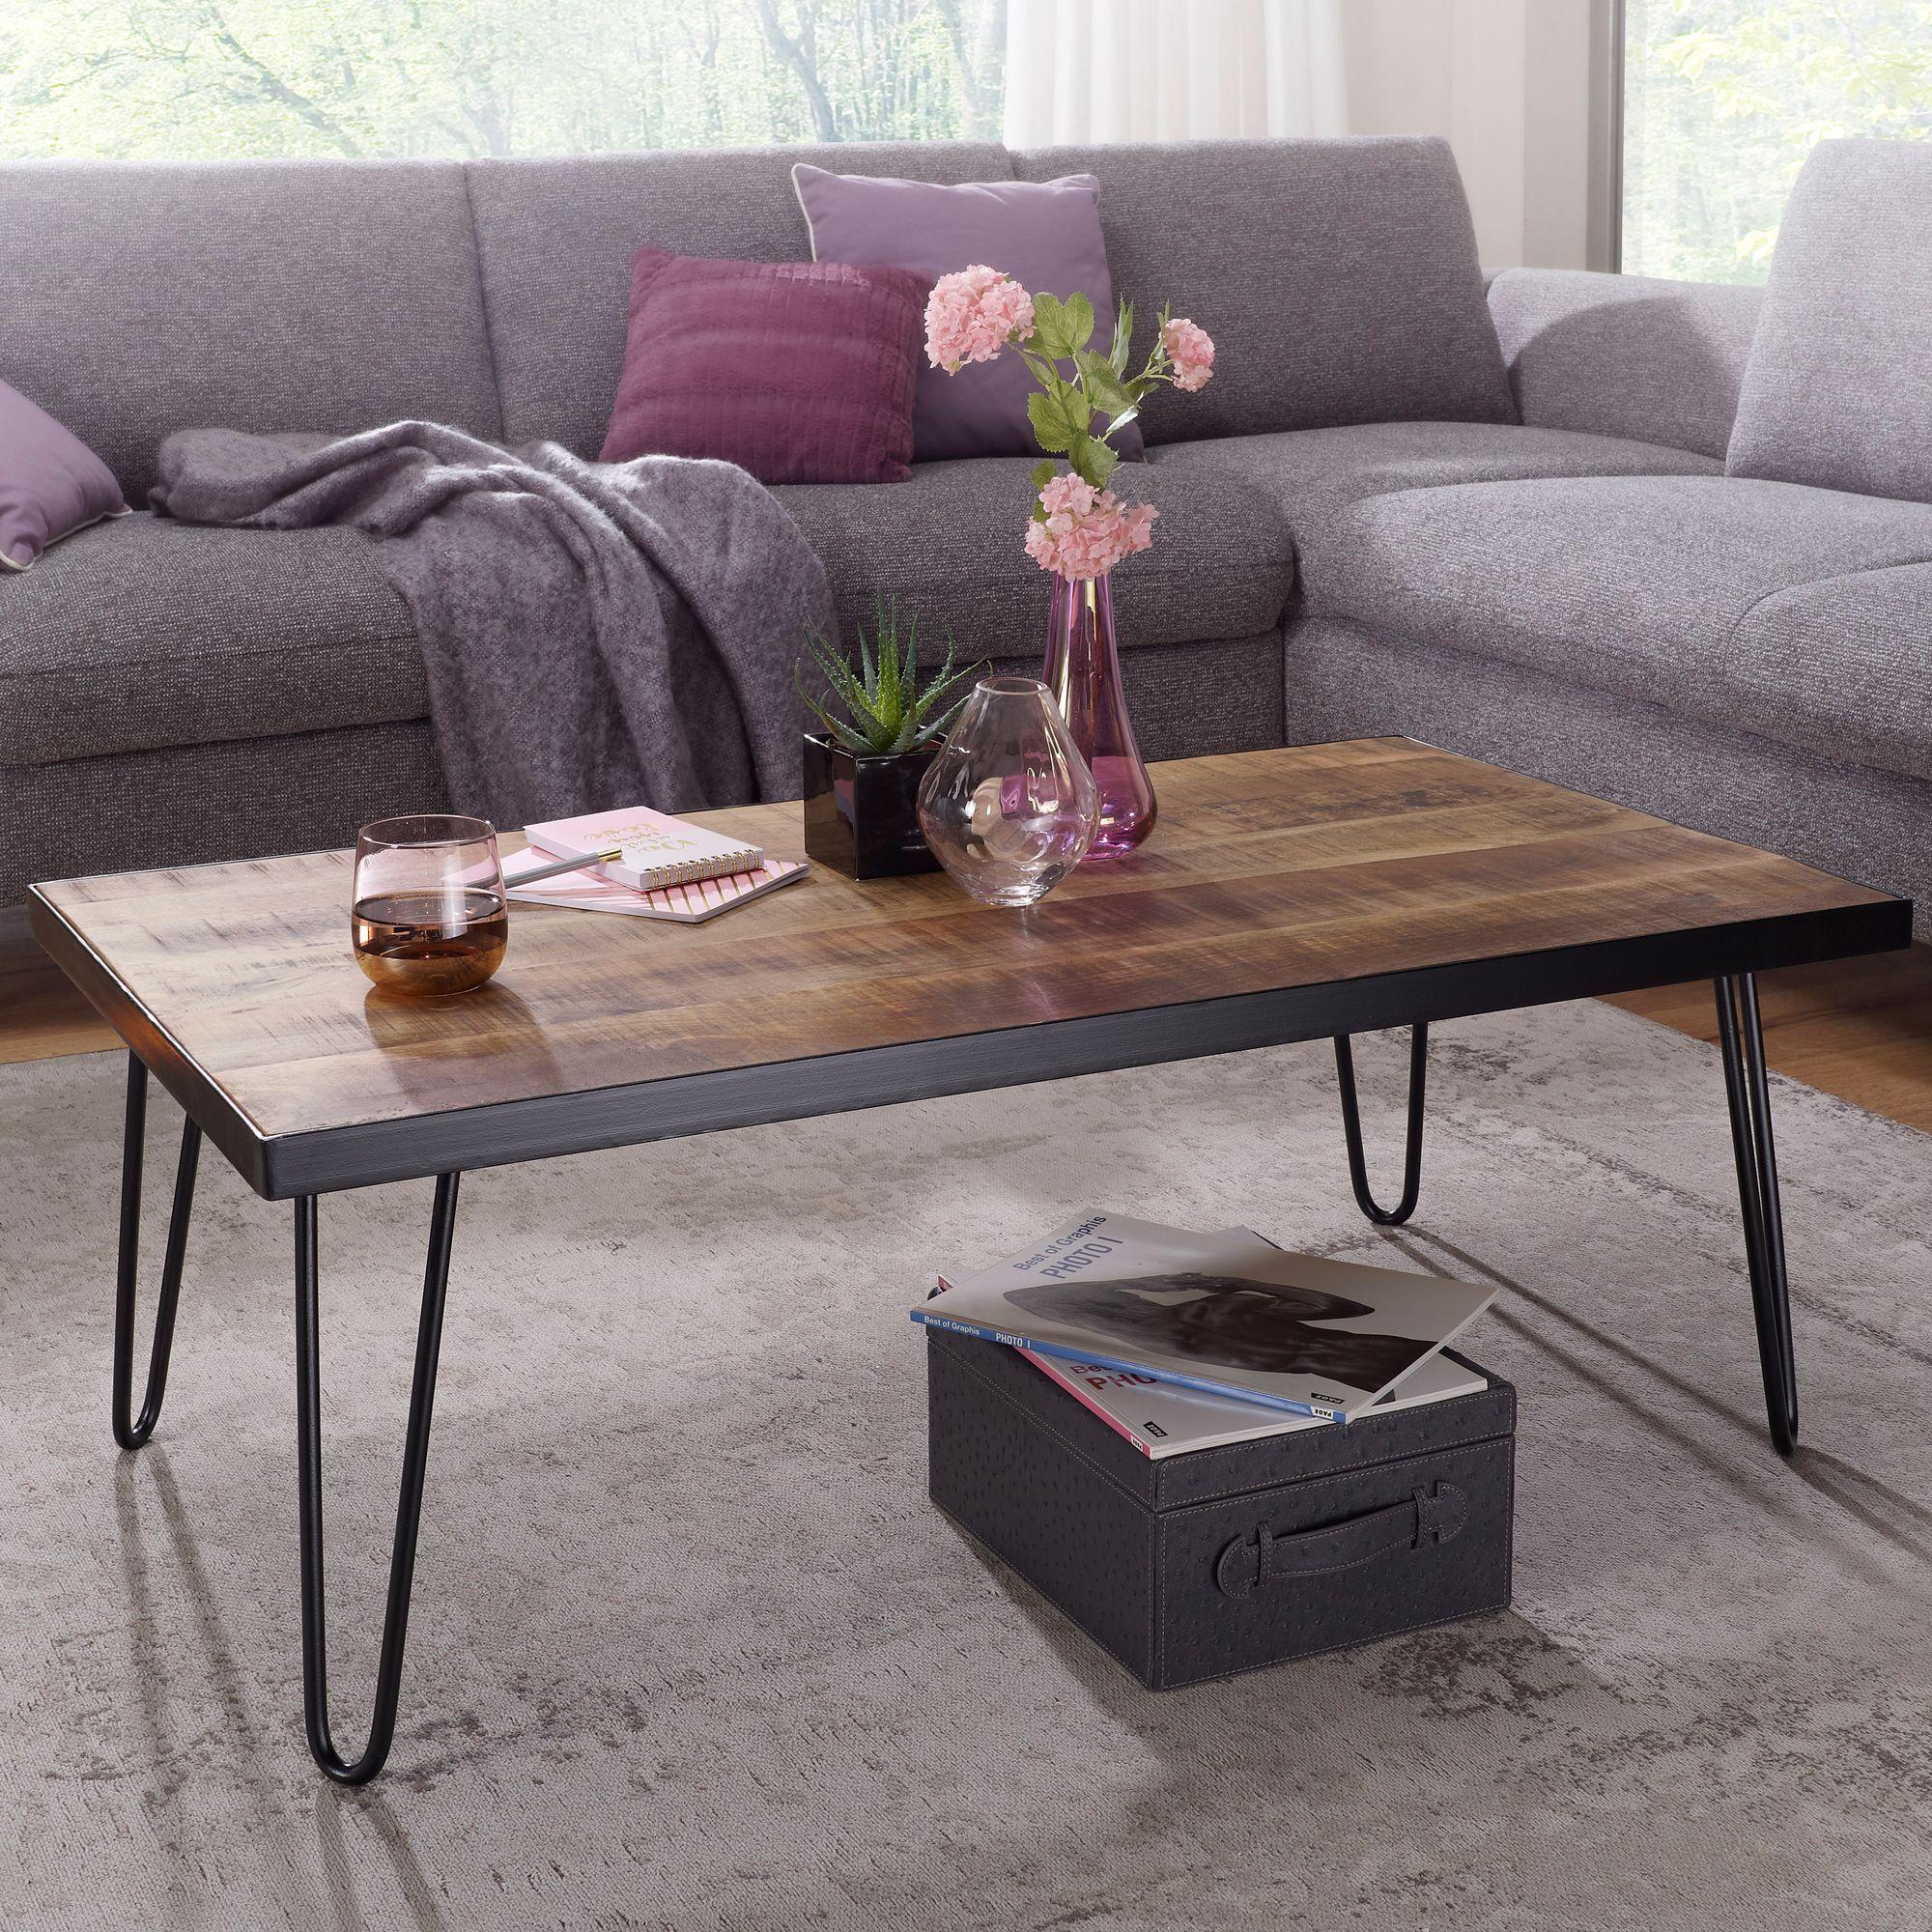 Faszinierend Wohnzimmertisch Holz Beste Wahl Finebuy Couchtisch Kinan 110 X 60 X